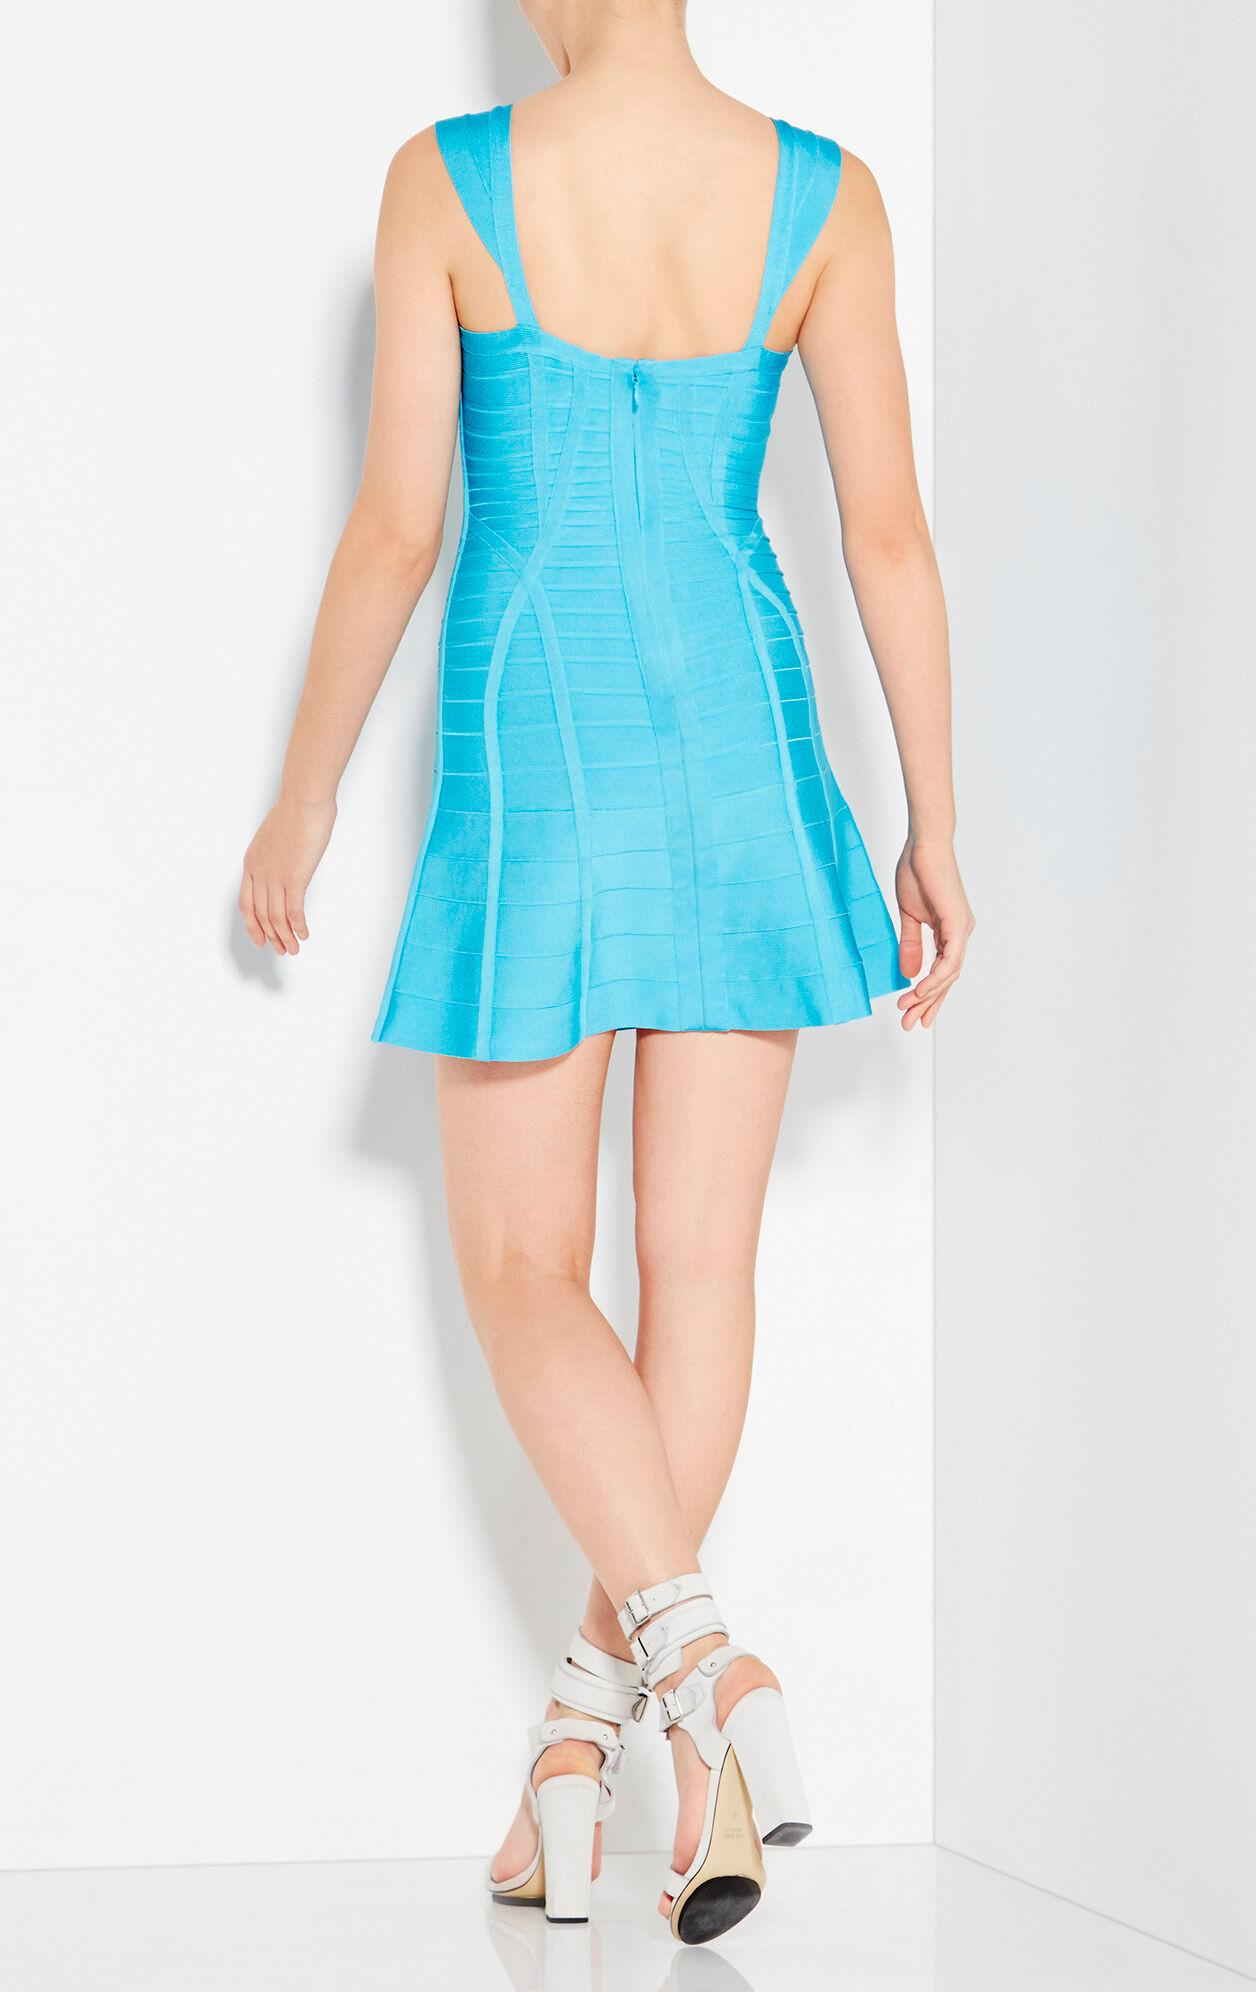 Mayra Signature Essentials Dress